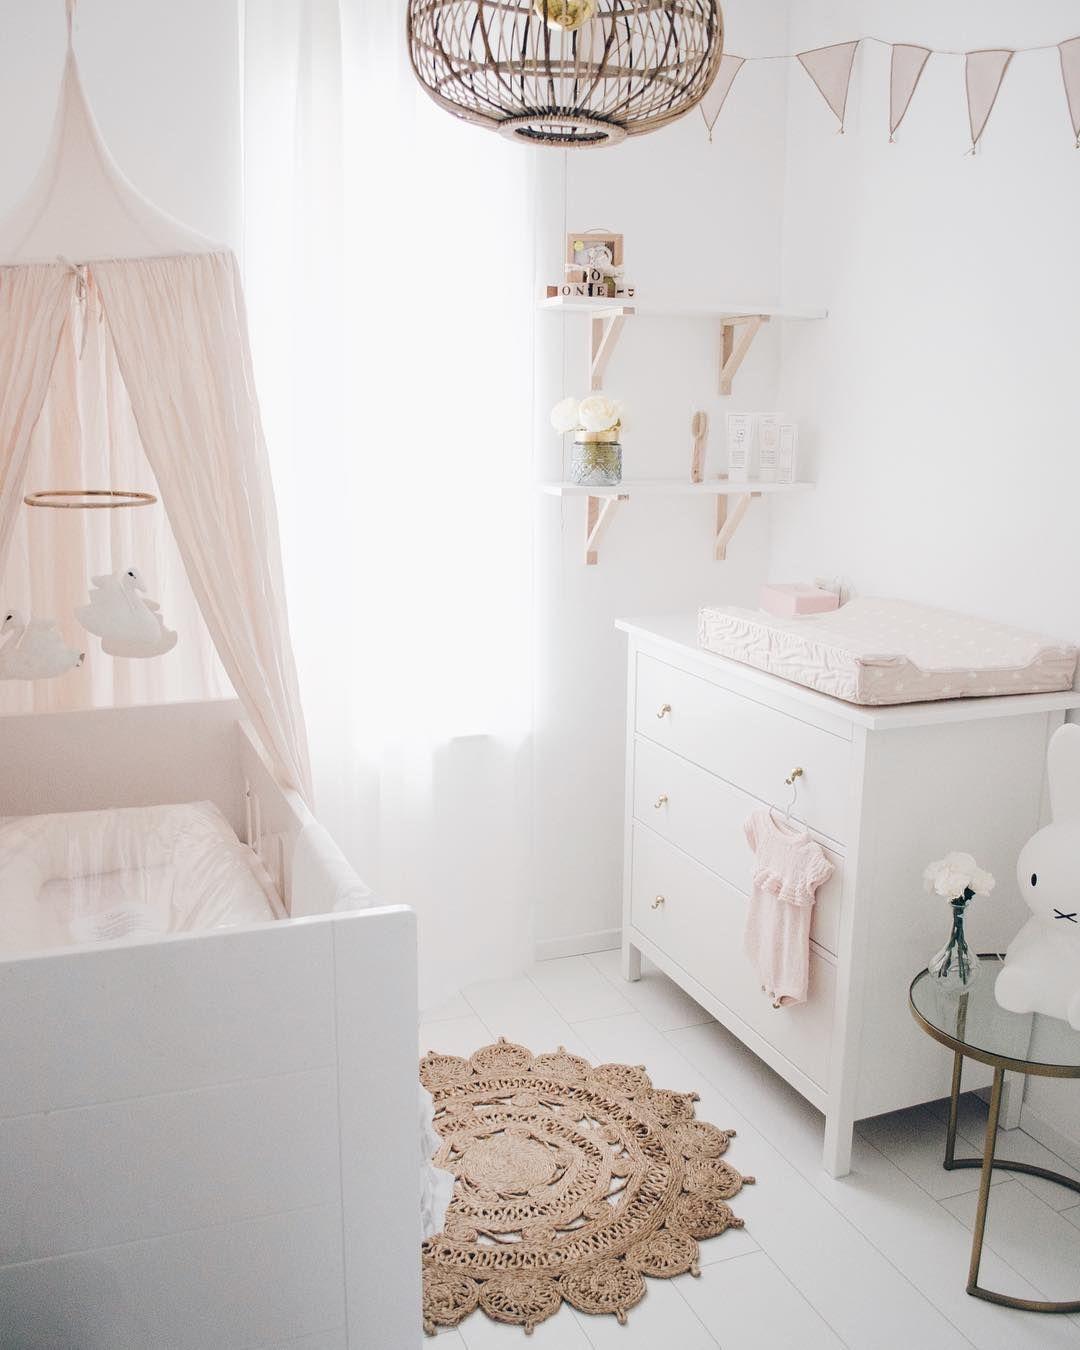 Dos und Don'ts: So richtet ihr ein Babyzimmer richtig ein #allwhiteroom